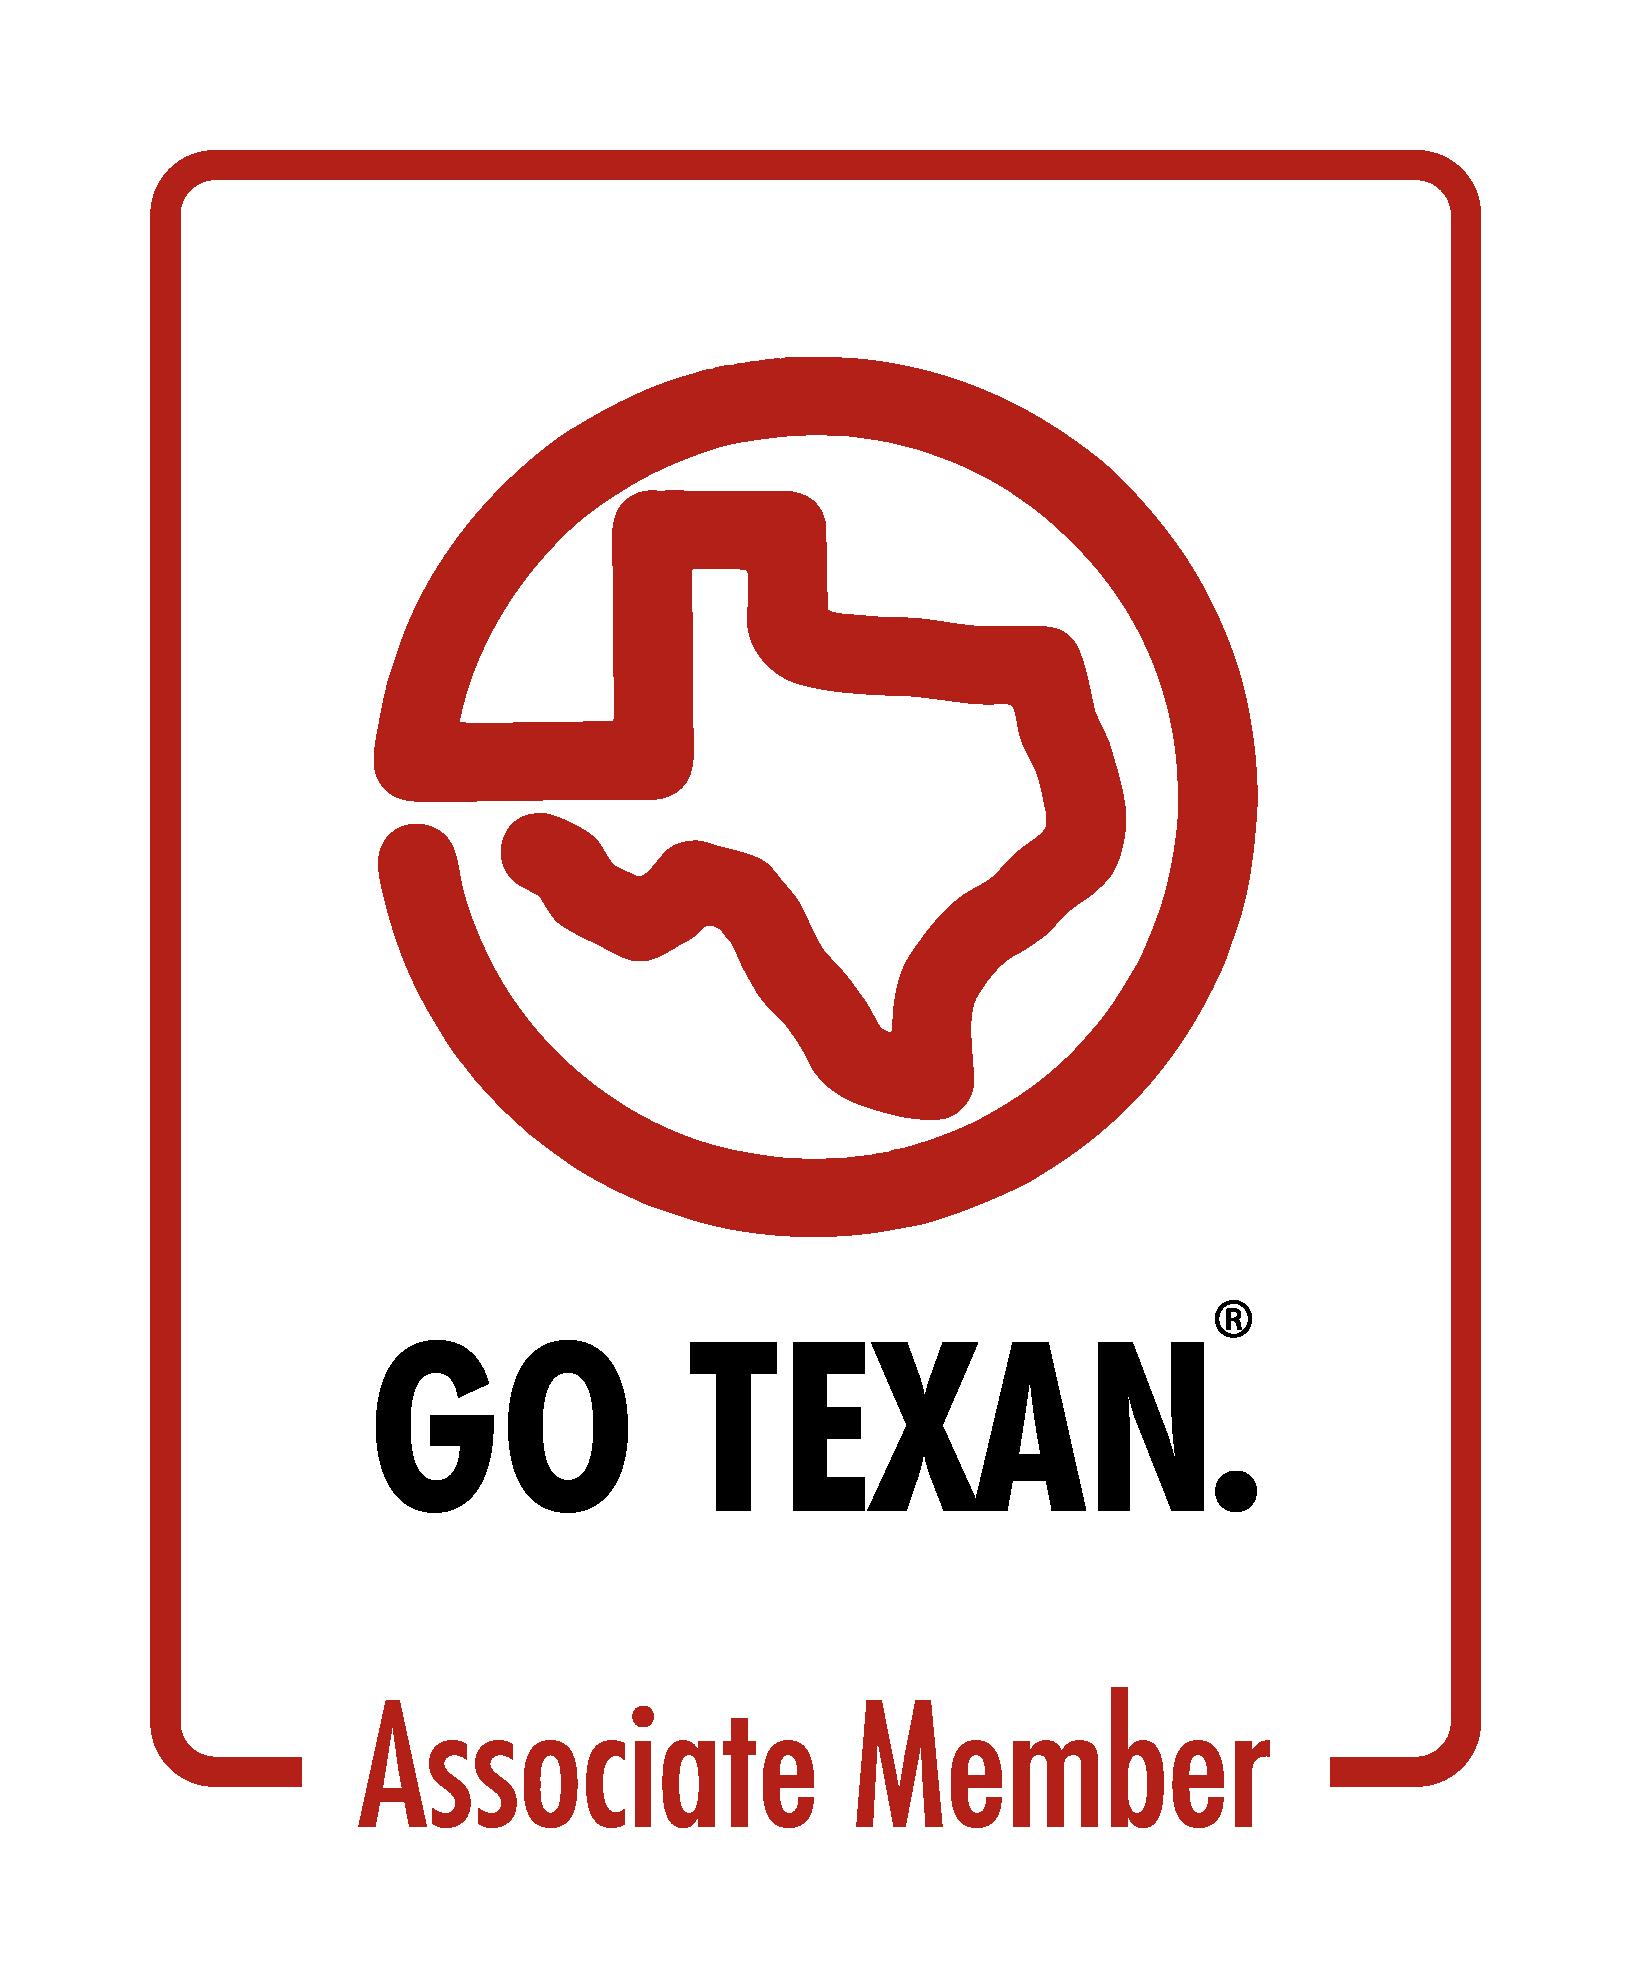 https://growthzonesitesprod.azureedge.net/wp-content/uploads/sites/840/2021/05/GO-TEXAN-Associate-Member_2-Color.png